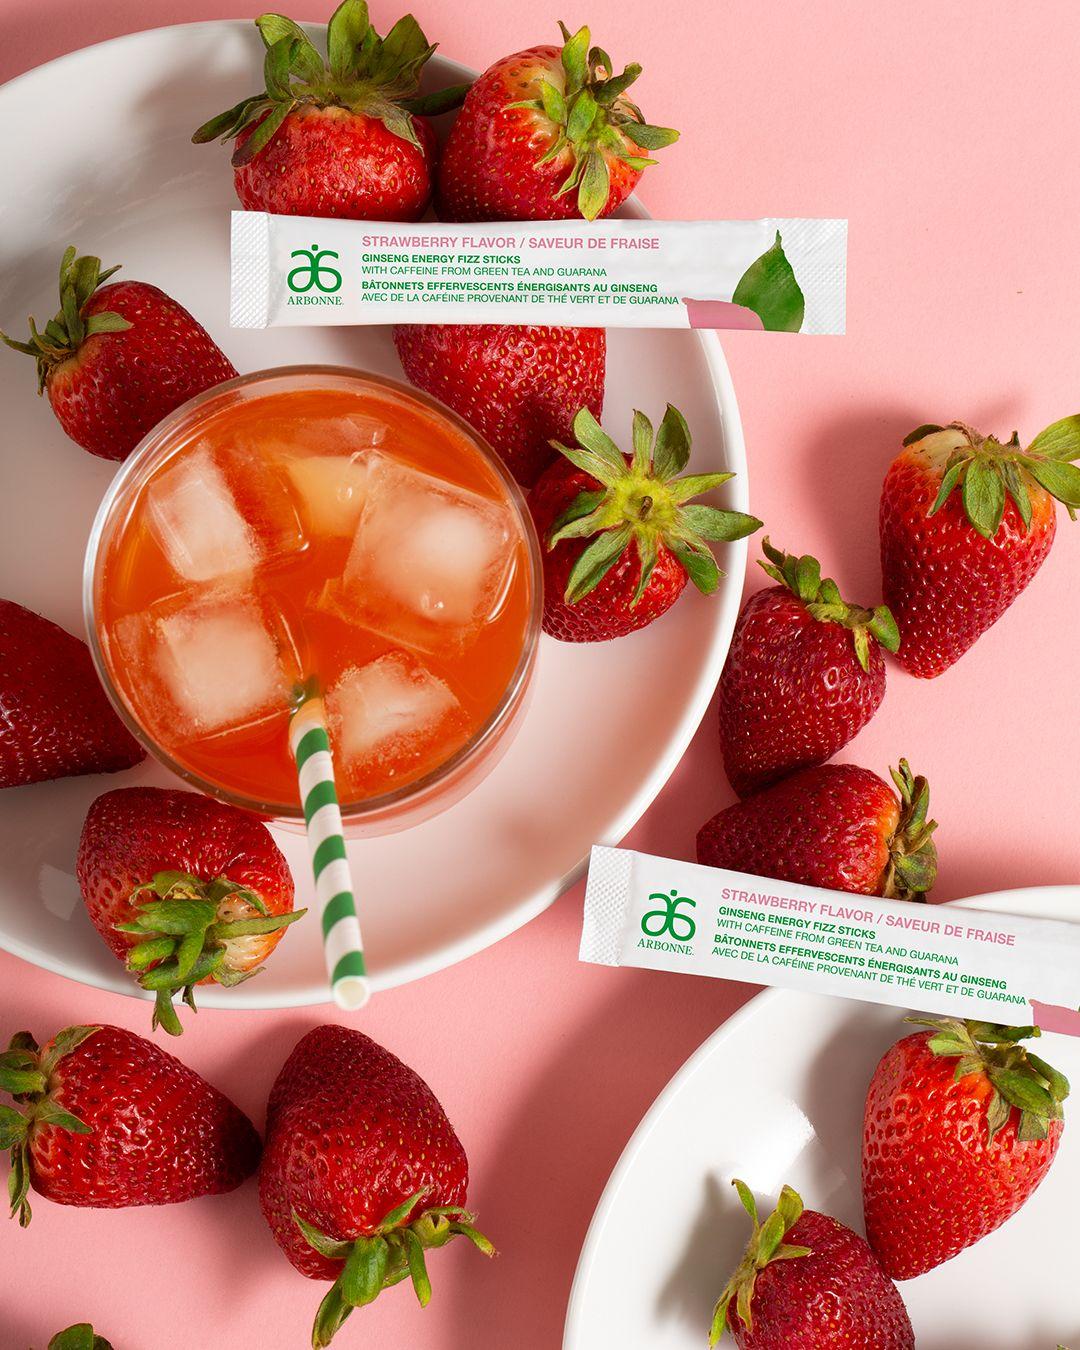 New Energy Fizz Stick Strawberry Flavor 2111 In 2020 Fizz Sticks Strawberry Fizz Arbonne Nutrition